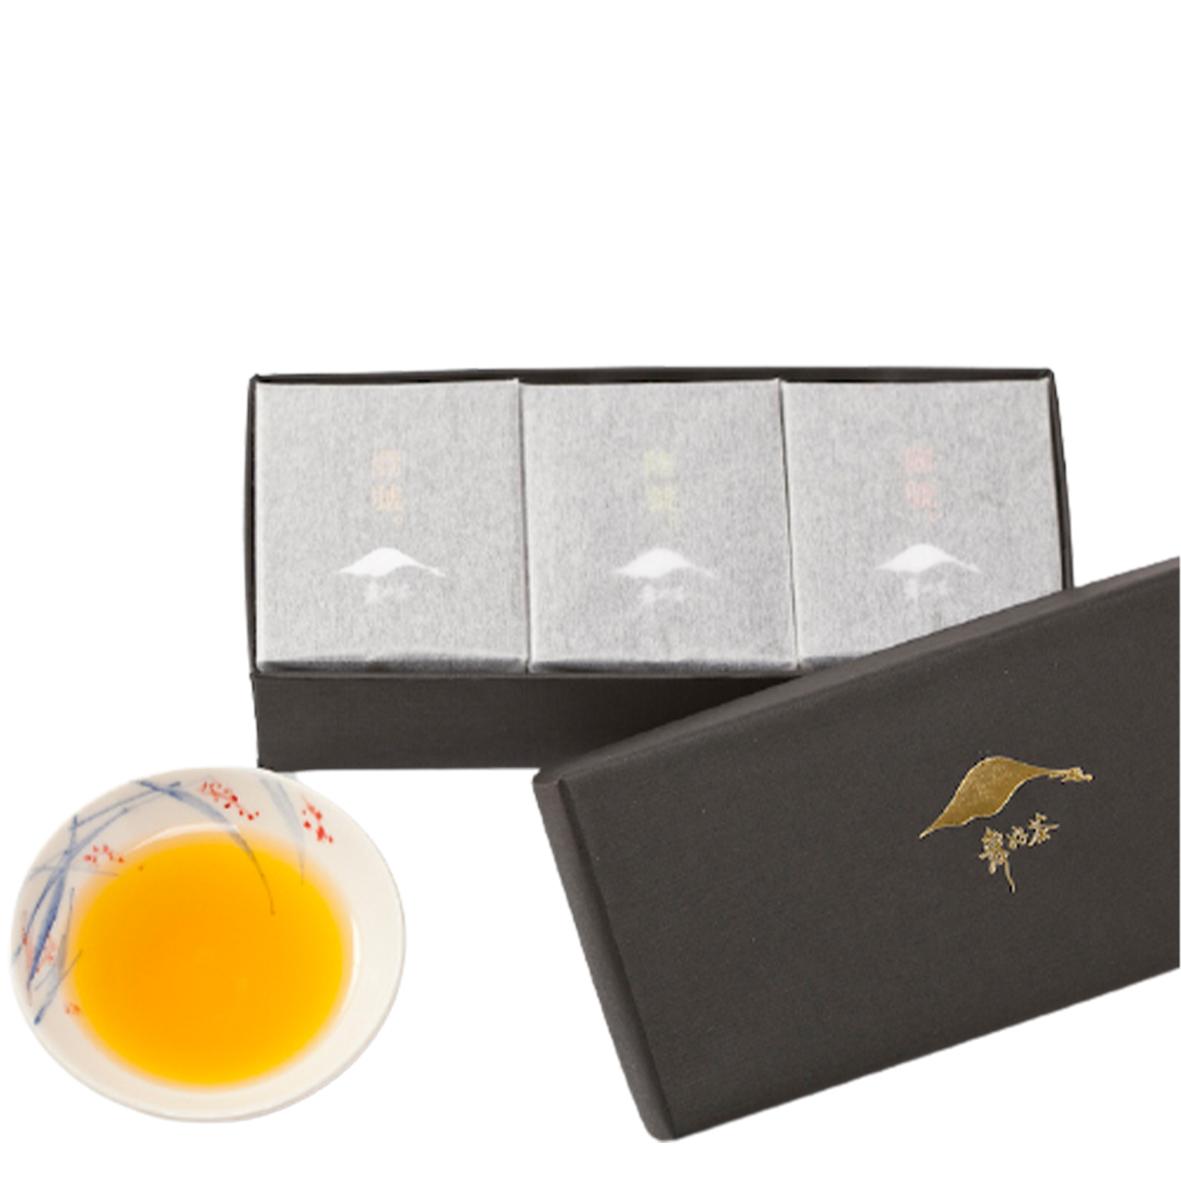 《舞好茶》花蓮舞鶴蜜香紅茶 (75g/盒)